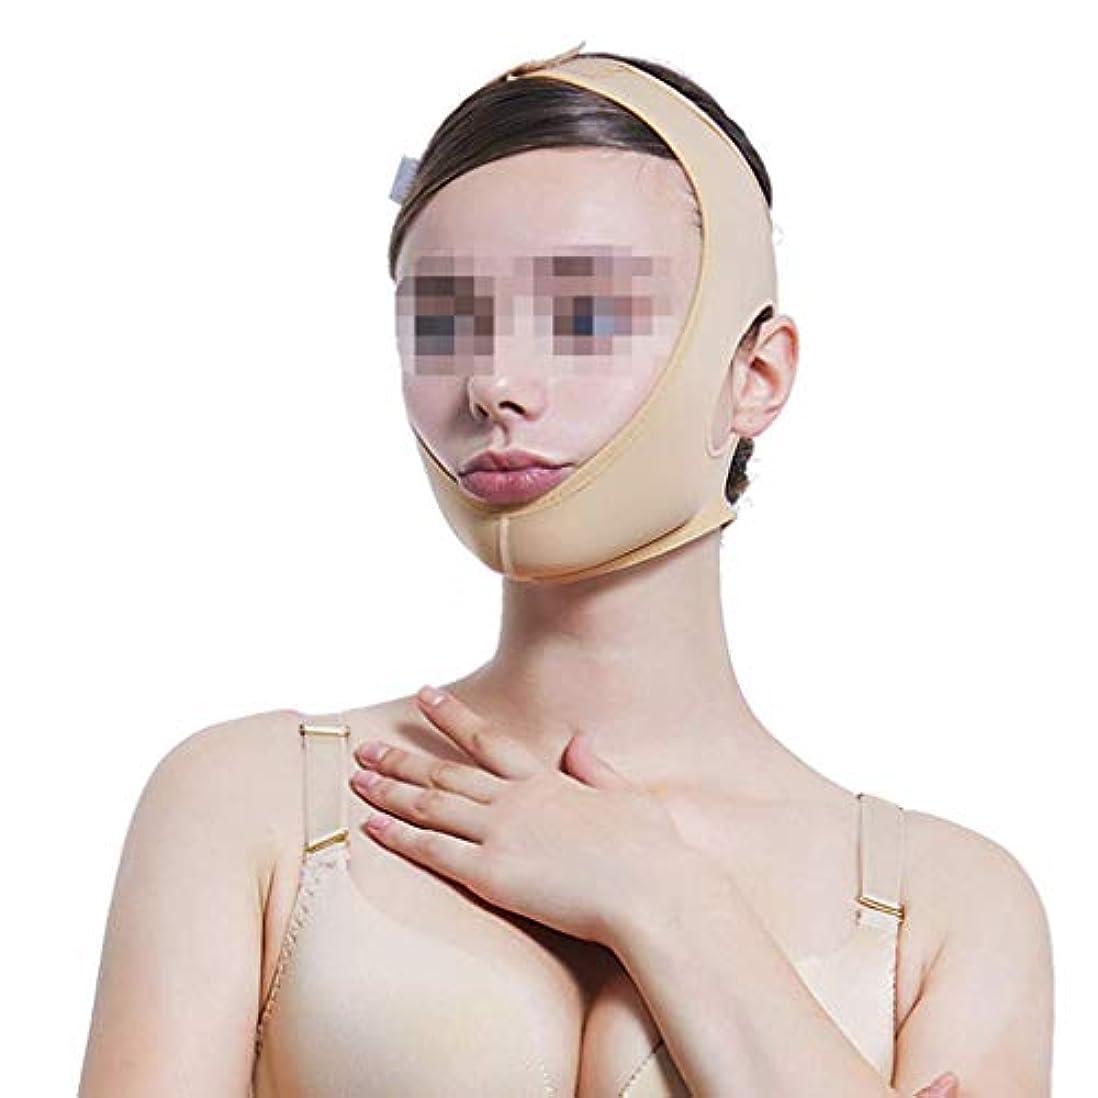 乗って逮捕葉を集めるビームフェイス弾性ヘッドギア、ダブルあごのあごのセットをマスクの後に線彫り薄いフェイス包帯マルチサイズオプション(サイズ:XS),L